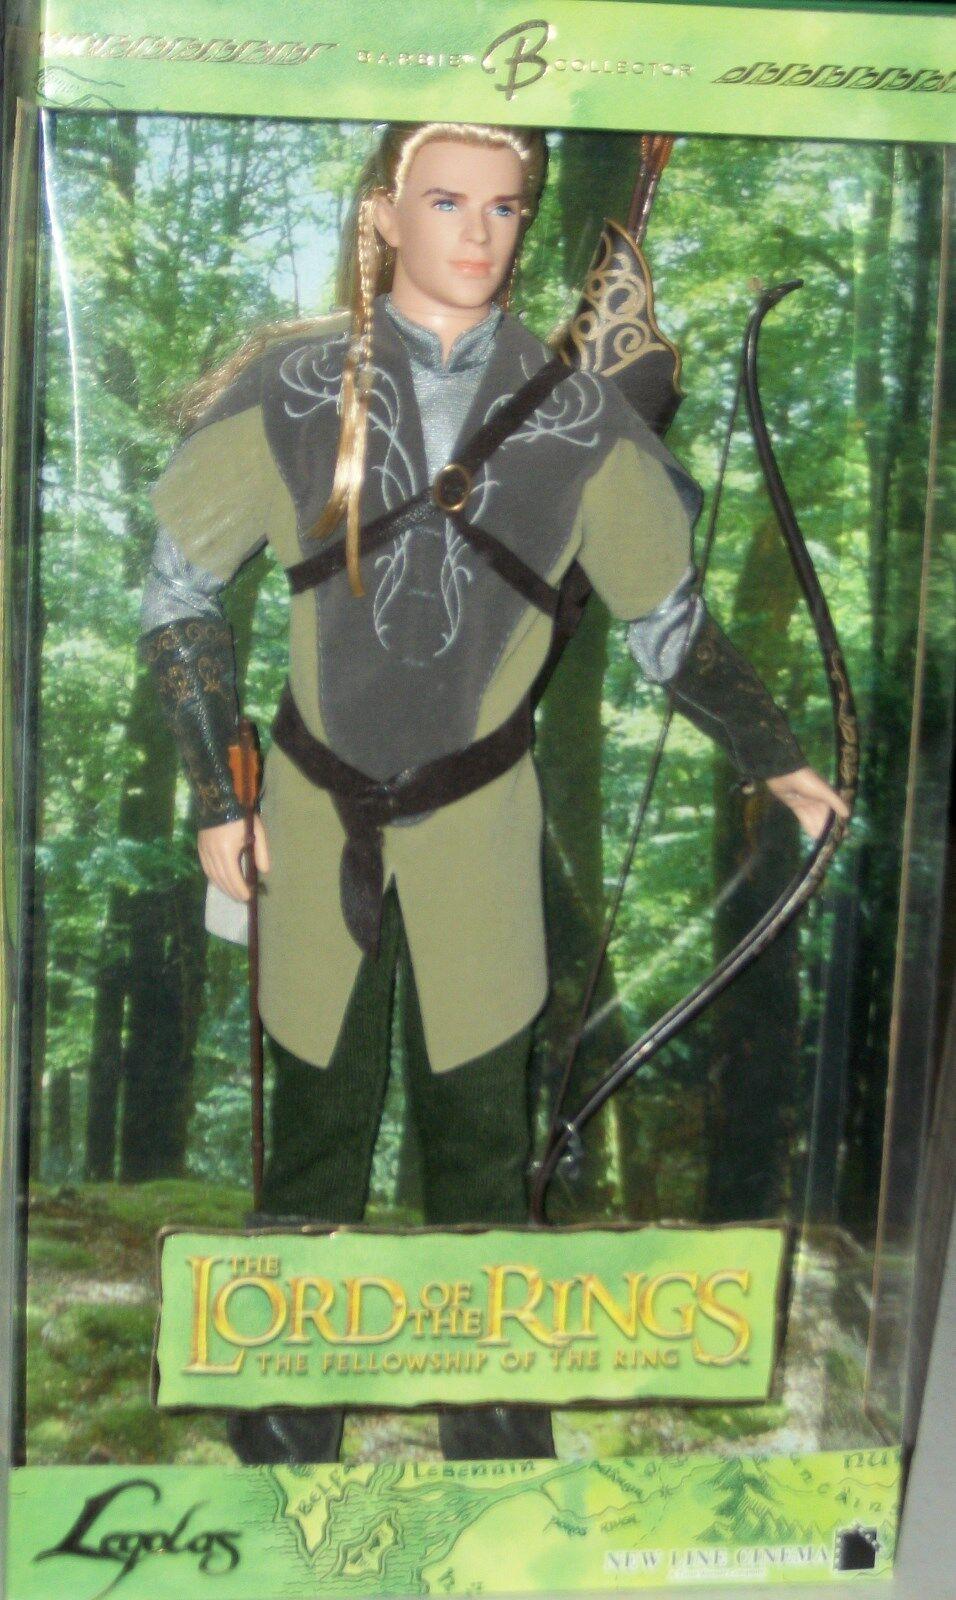 en linea Señor De Los Anillos Hobbit Legolas Legolas Legolas beca De Muñeca Barbie Ken Figura Regalo De Navidad  sin mínimo